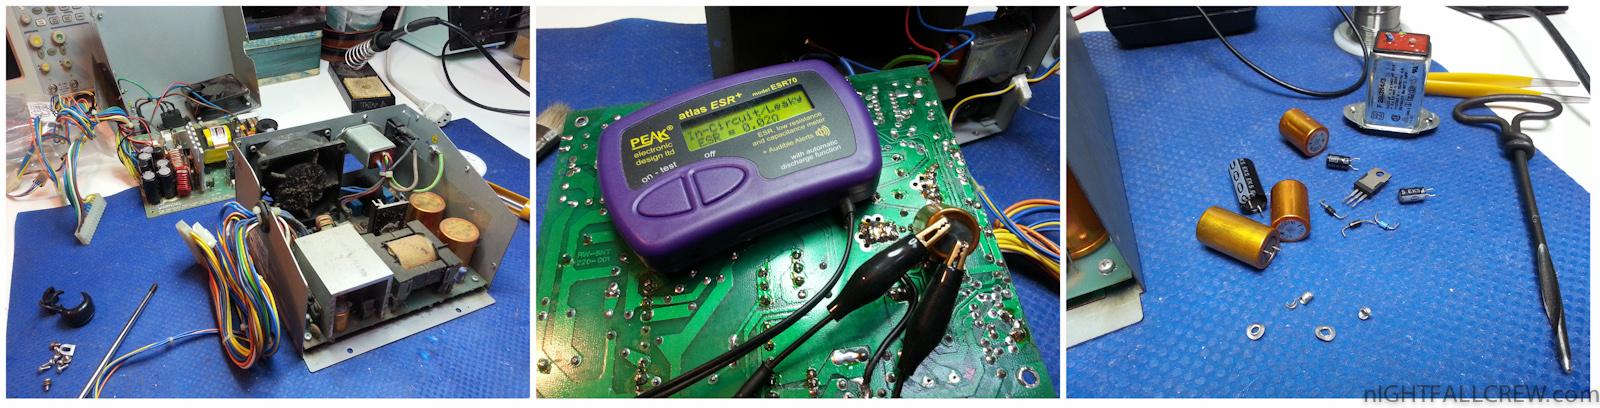 Commodore Amiga 2000 Power Supply repair | nIGHTFALL Blog ...